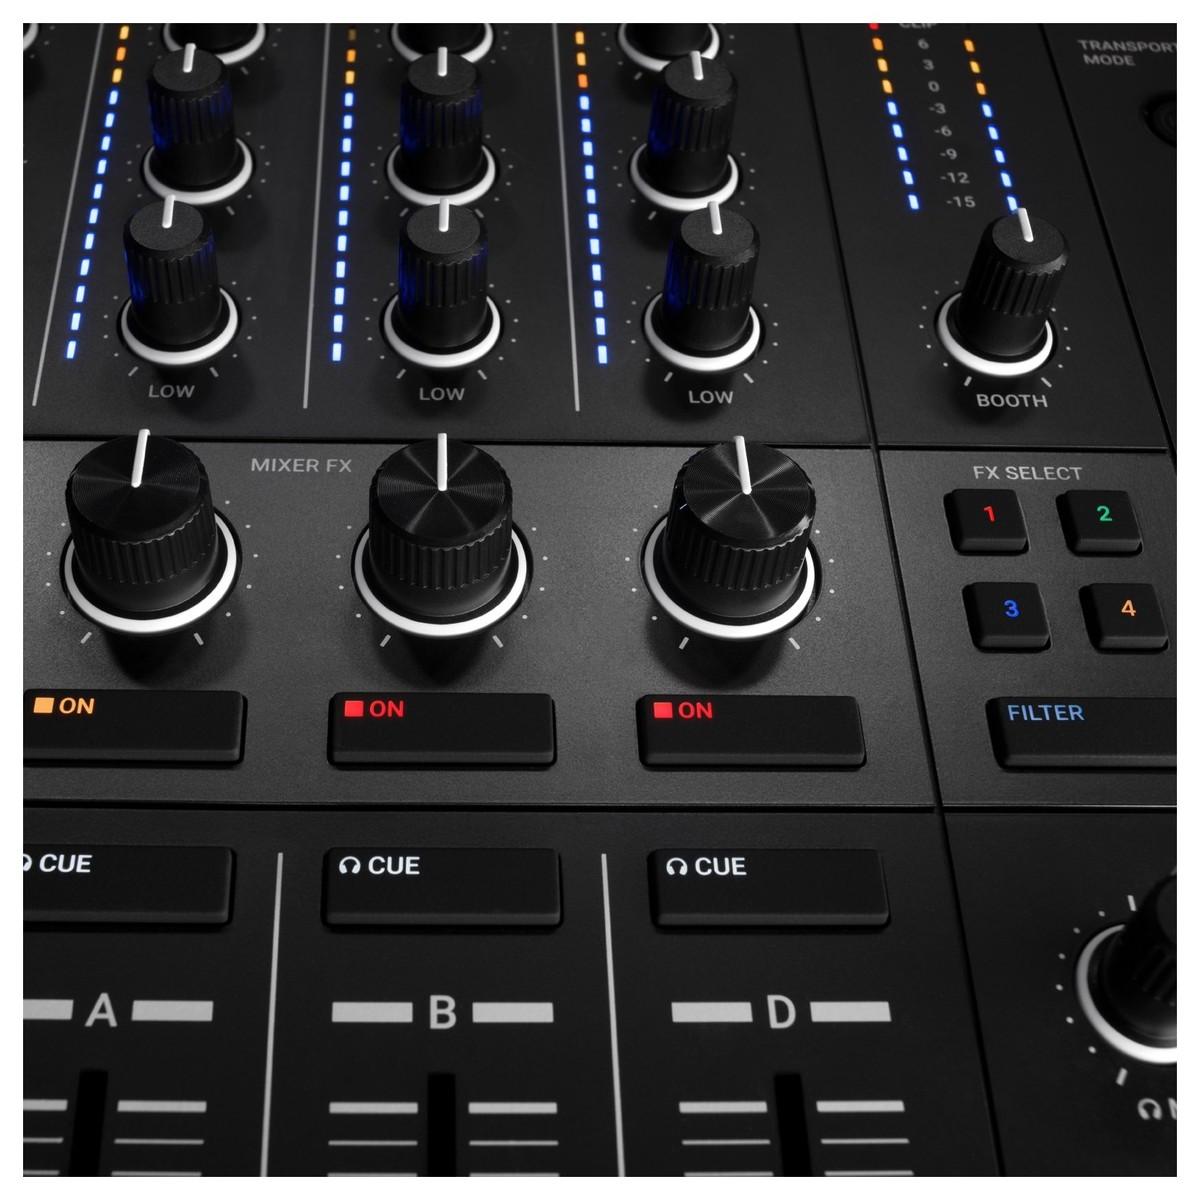 NATIVE INSTRUMENTS TRAKTOR KONTROL S4 MKIII CONTROLLER DJ MIDI MK3 4 CANALI 24 BIT 96KHZ 8